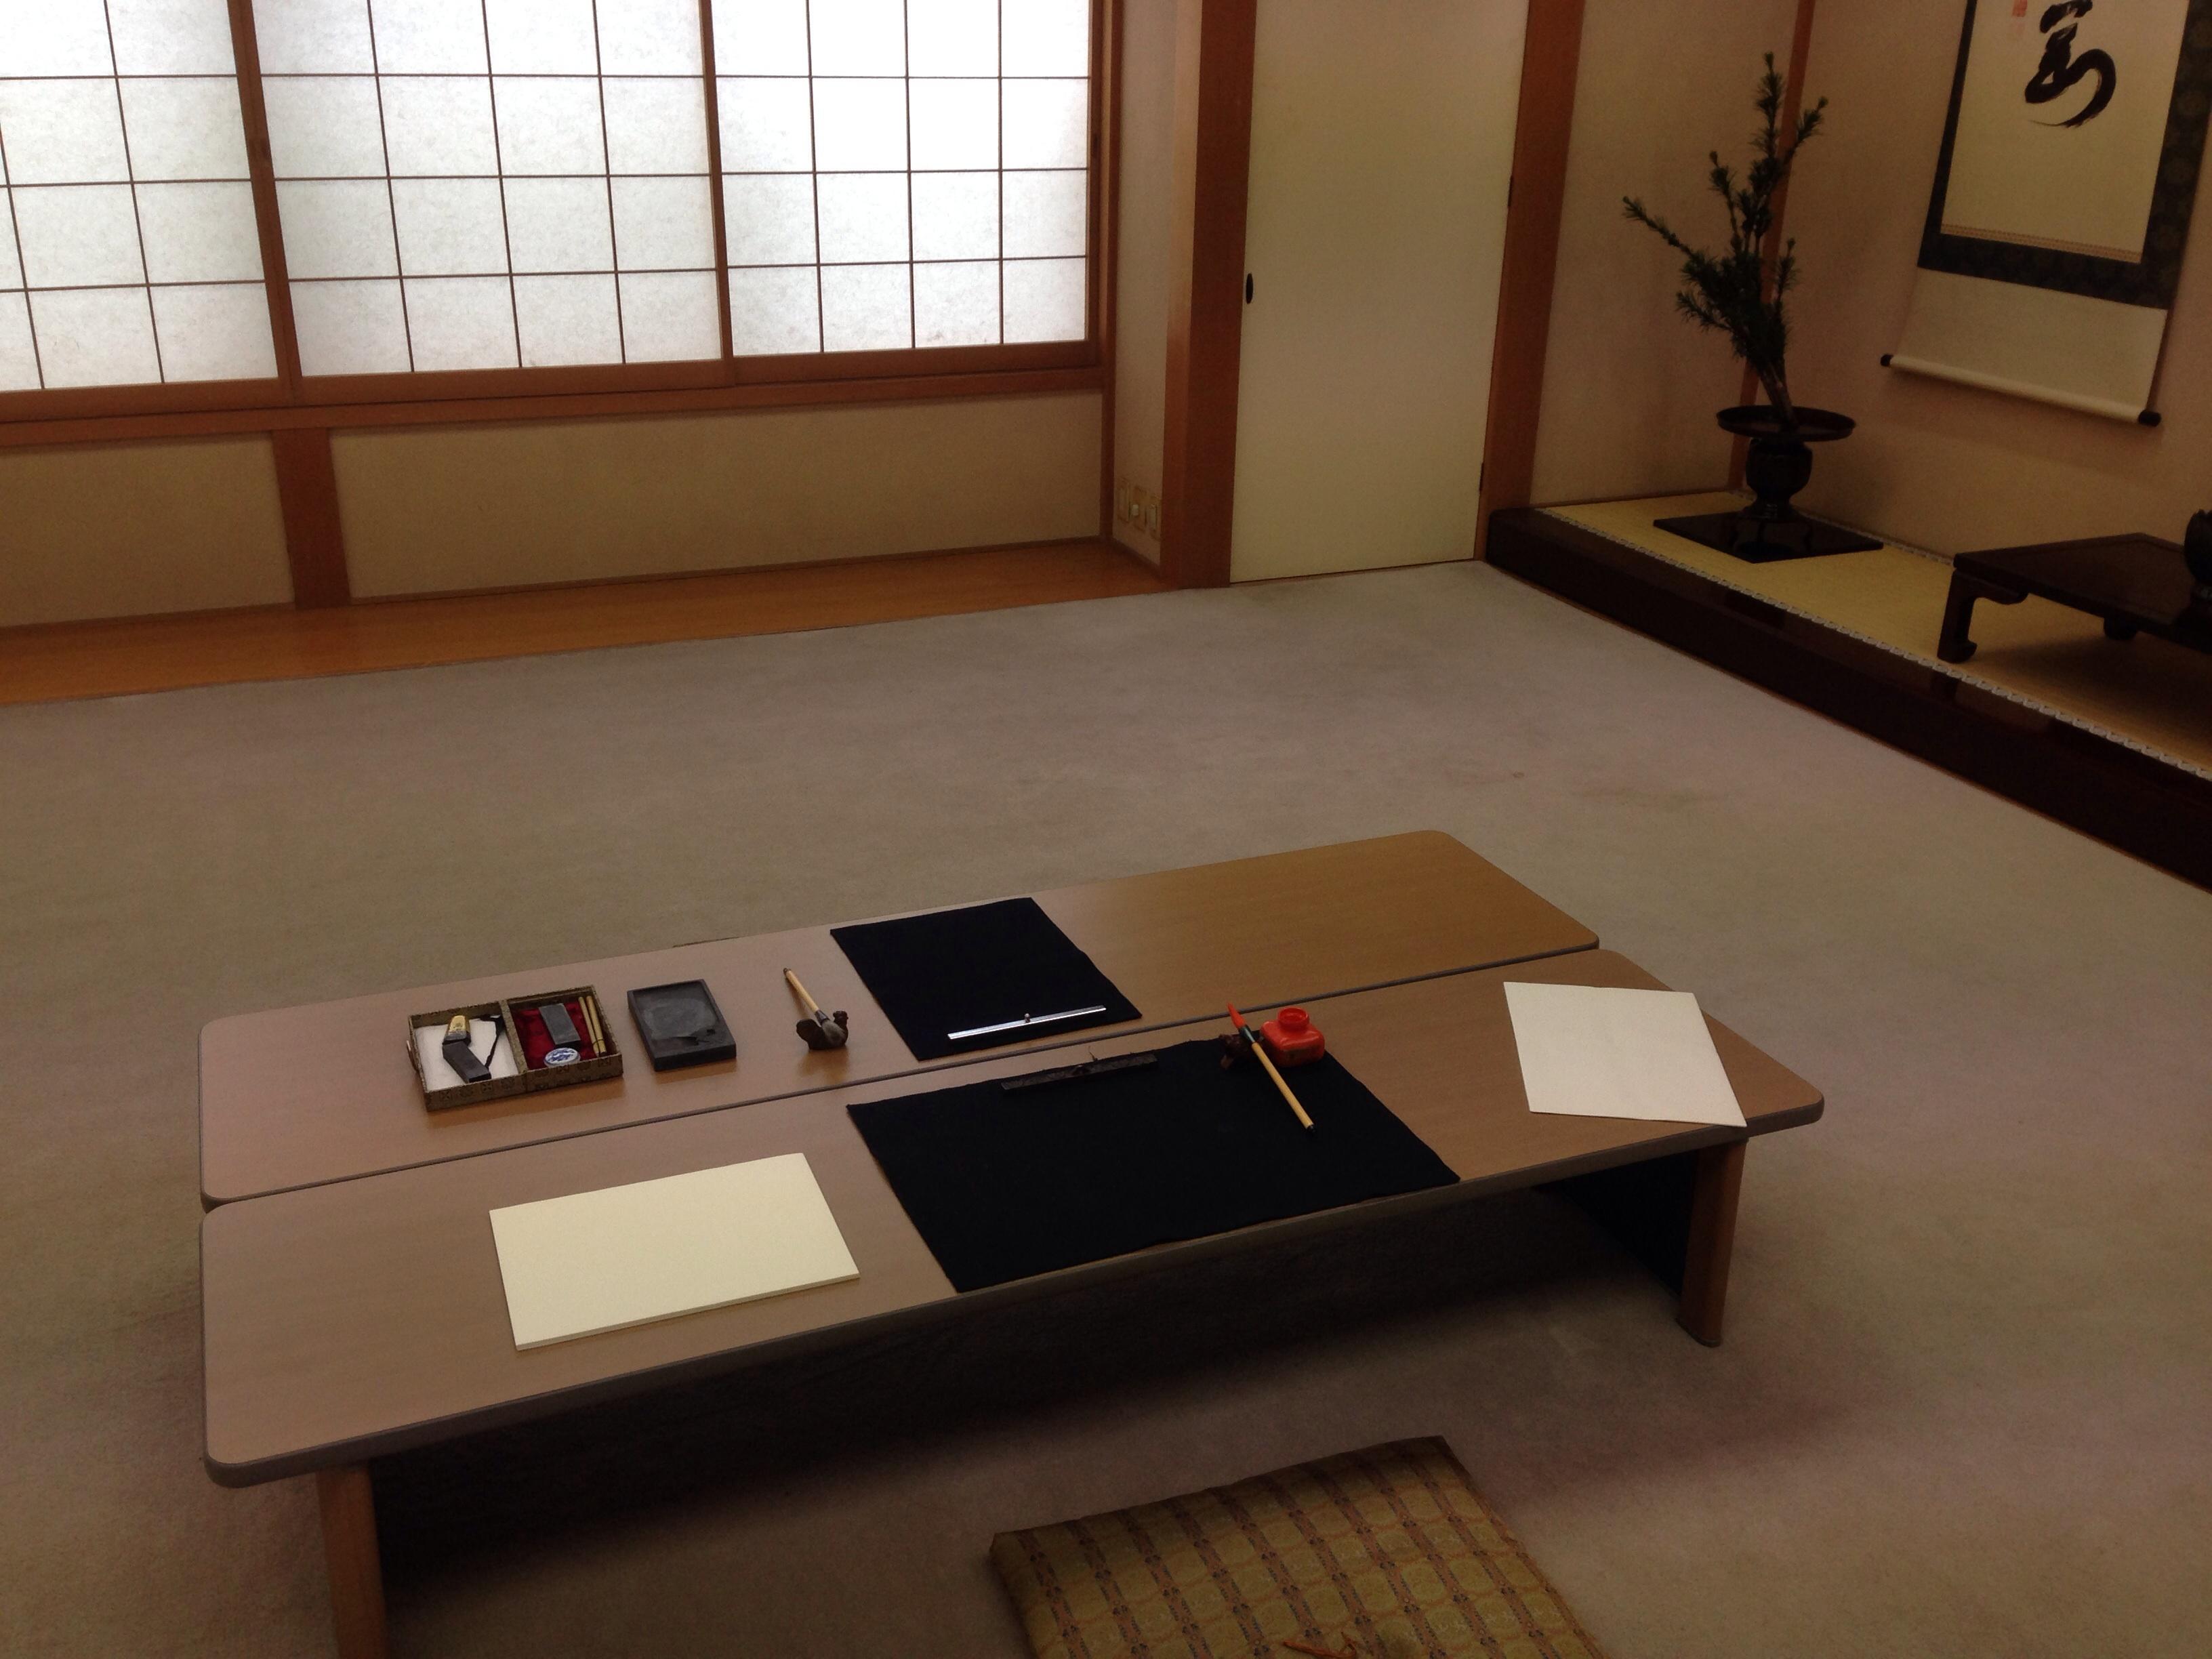 フジテレビ「ONE hour sense」出演:ケント・モリ & 遠藤夕幻 in 高野山東京別院 2